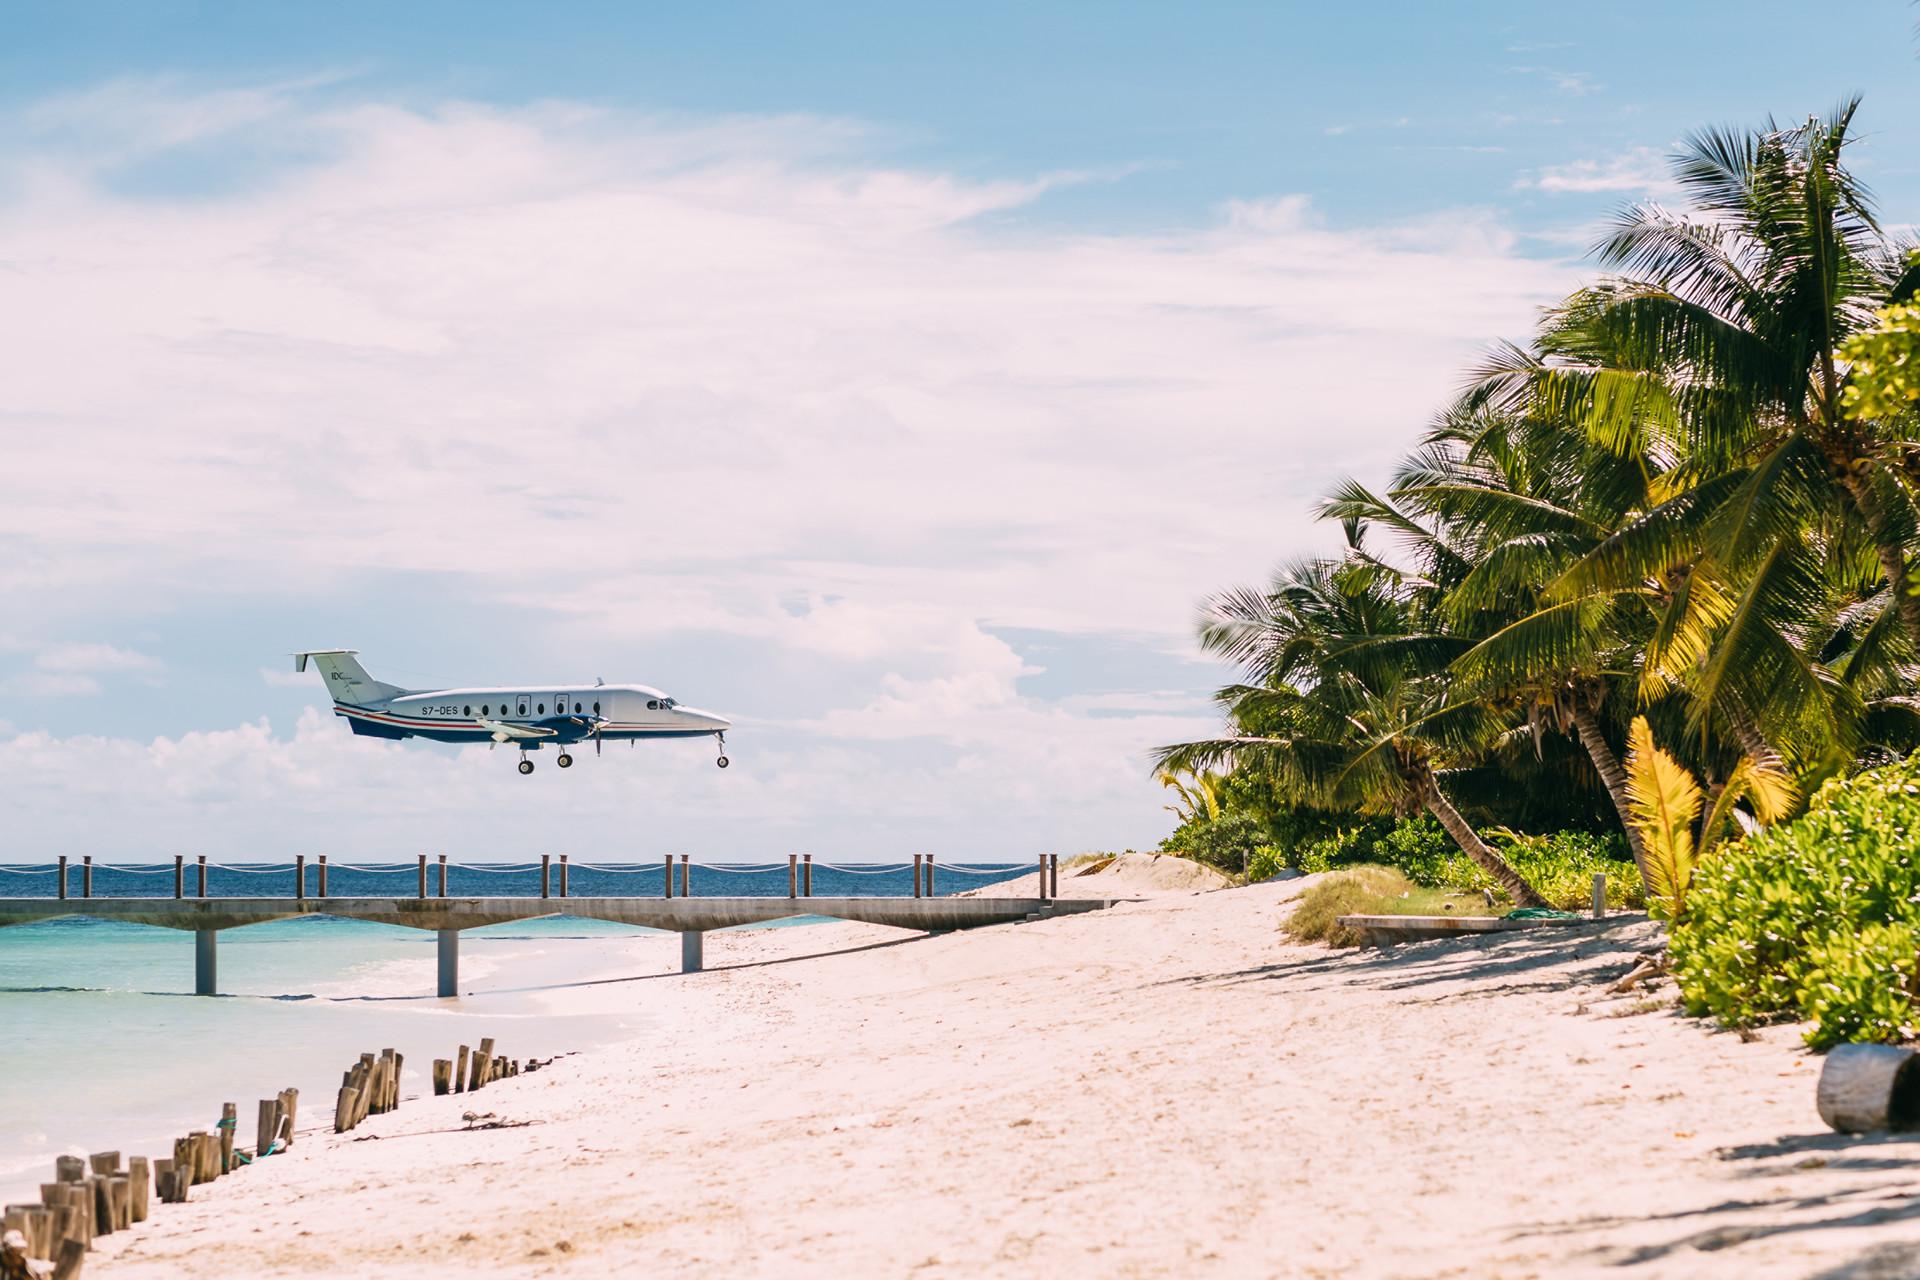 Остров оборудован собственной взлетно-посадочной полосой, что значительно экономит время в пути.